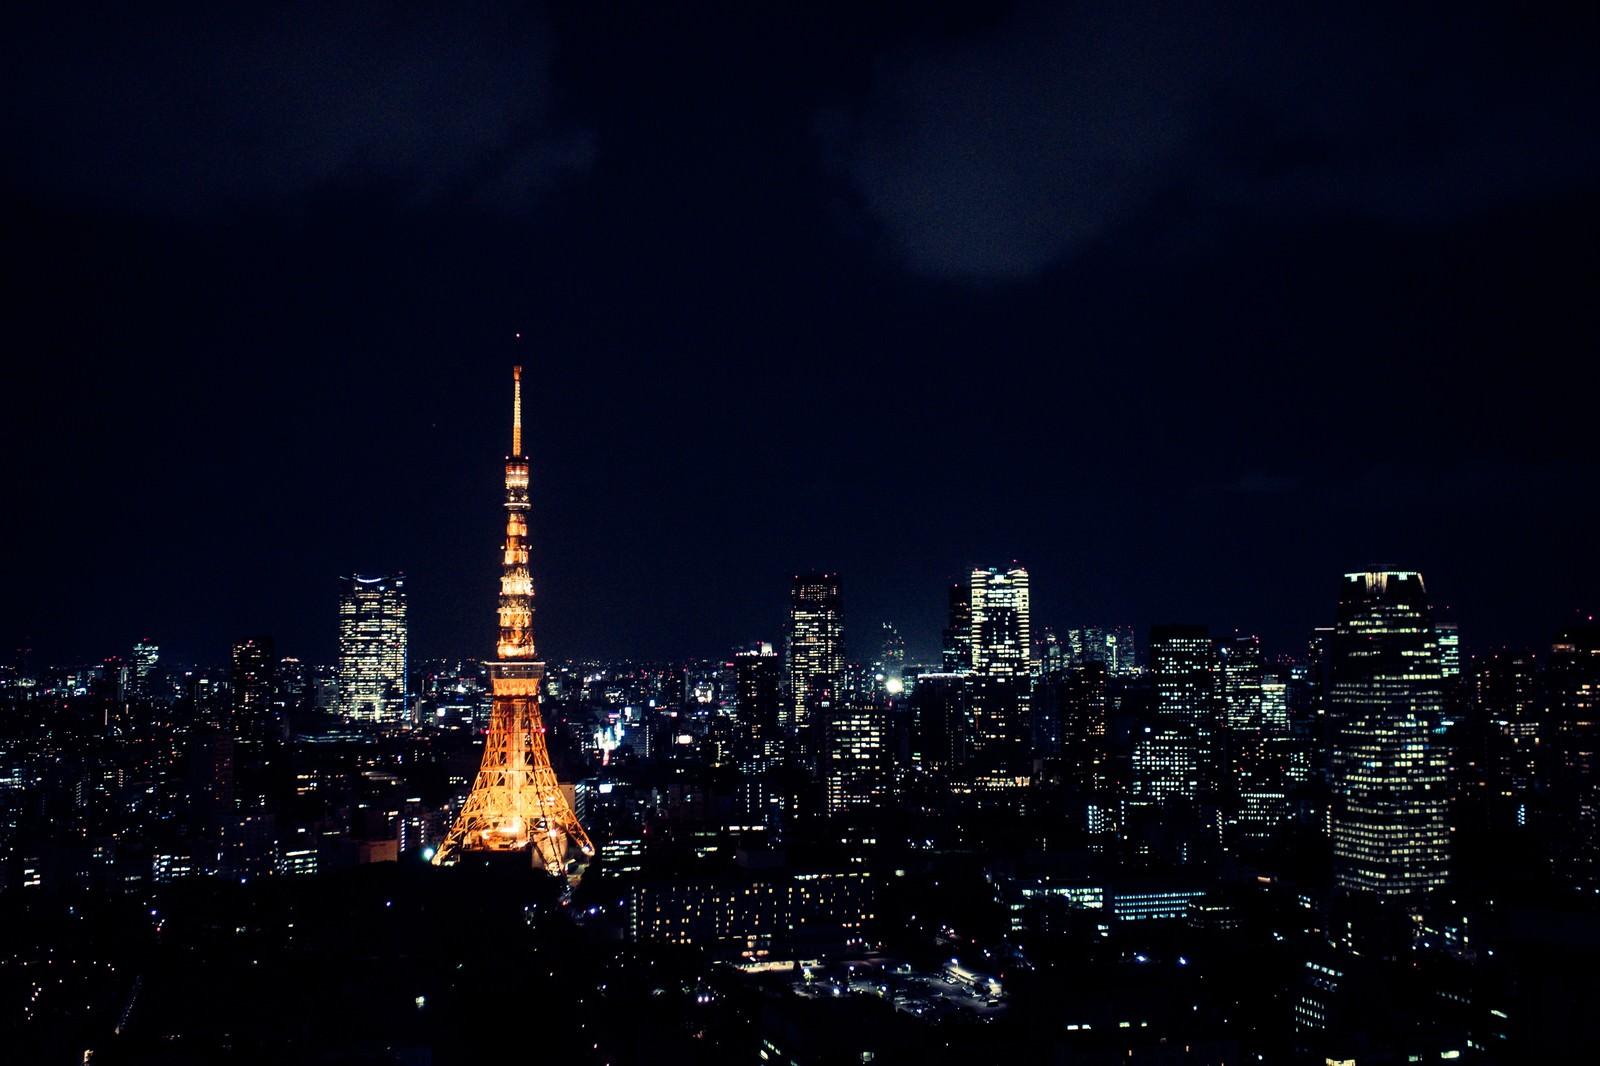 「夜の東京(東京タワー)夜の東京(東京タワー)」のフリー写真素材を拡大